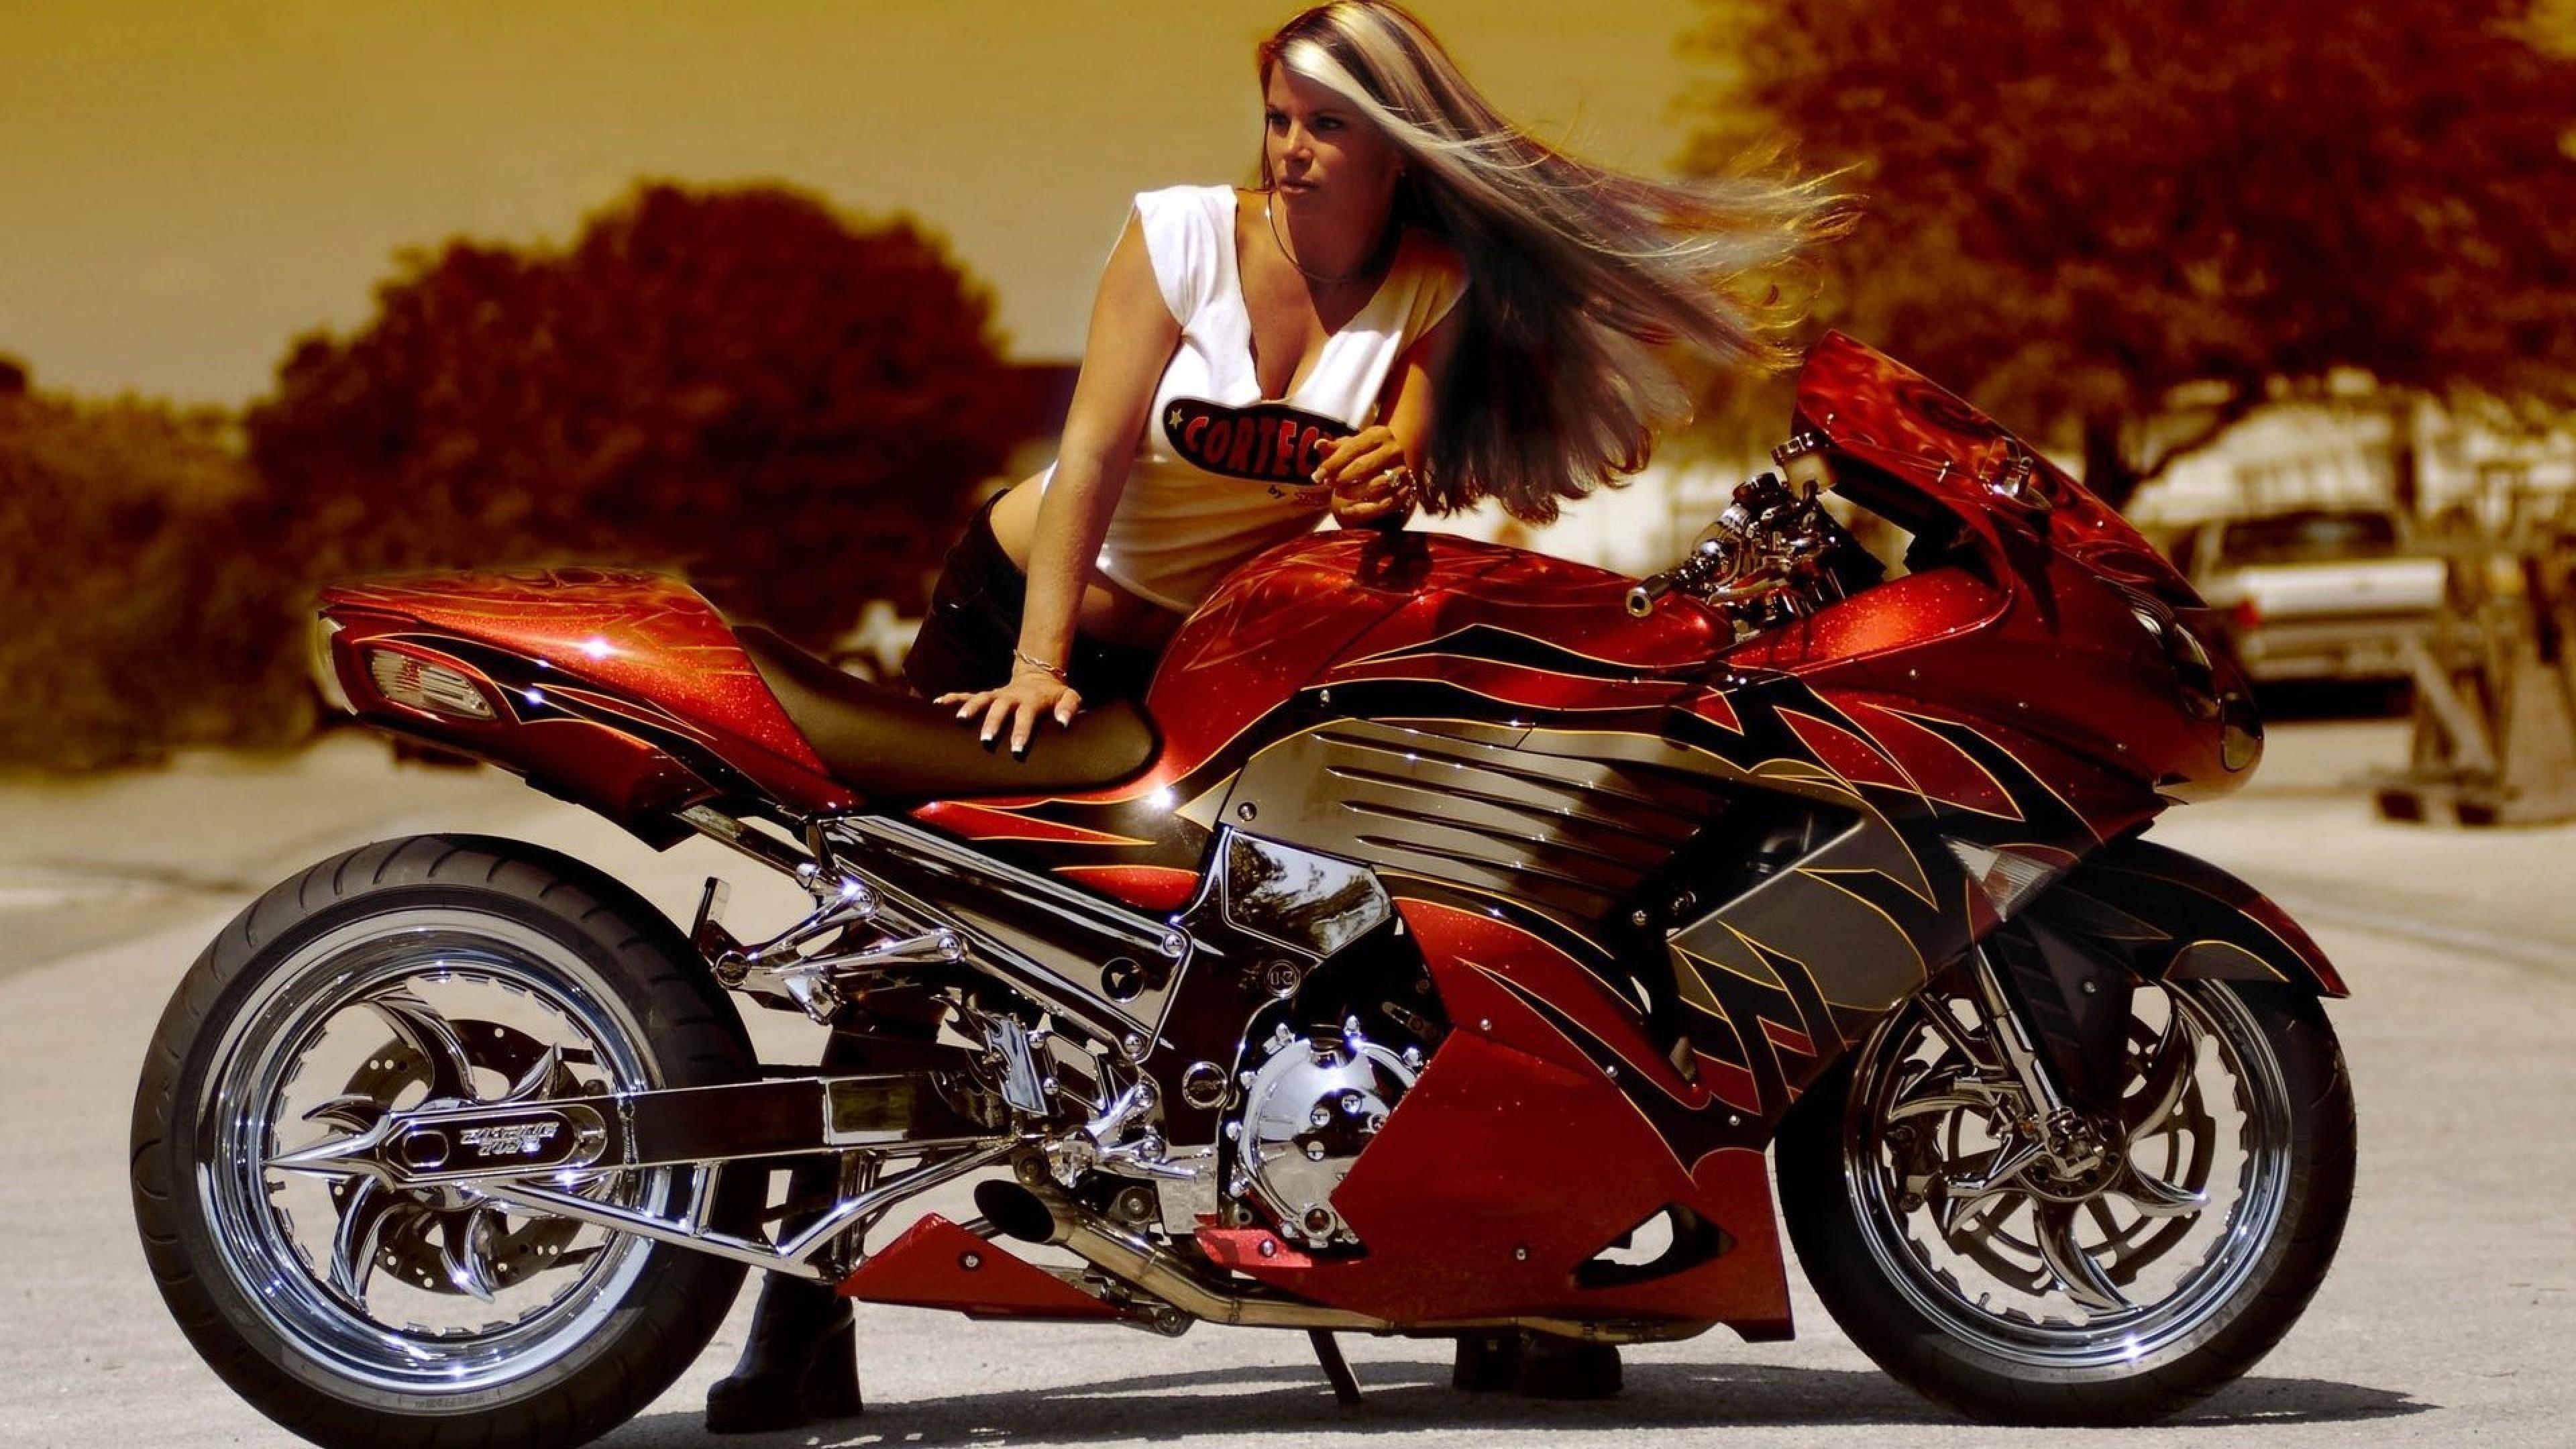 Женщина и мотоциклы картинки 5